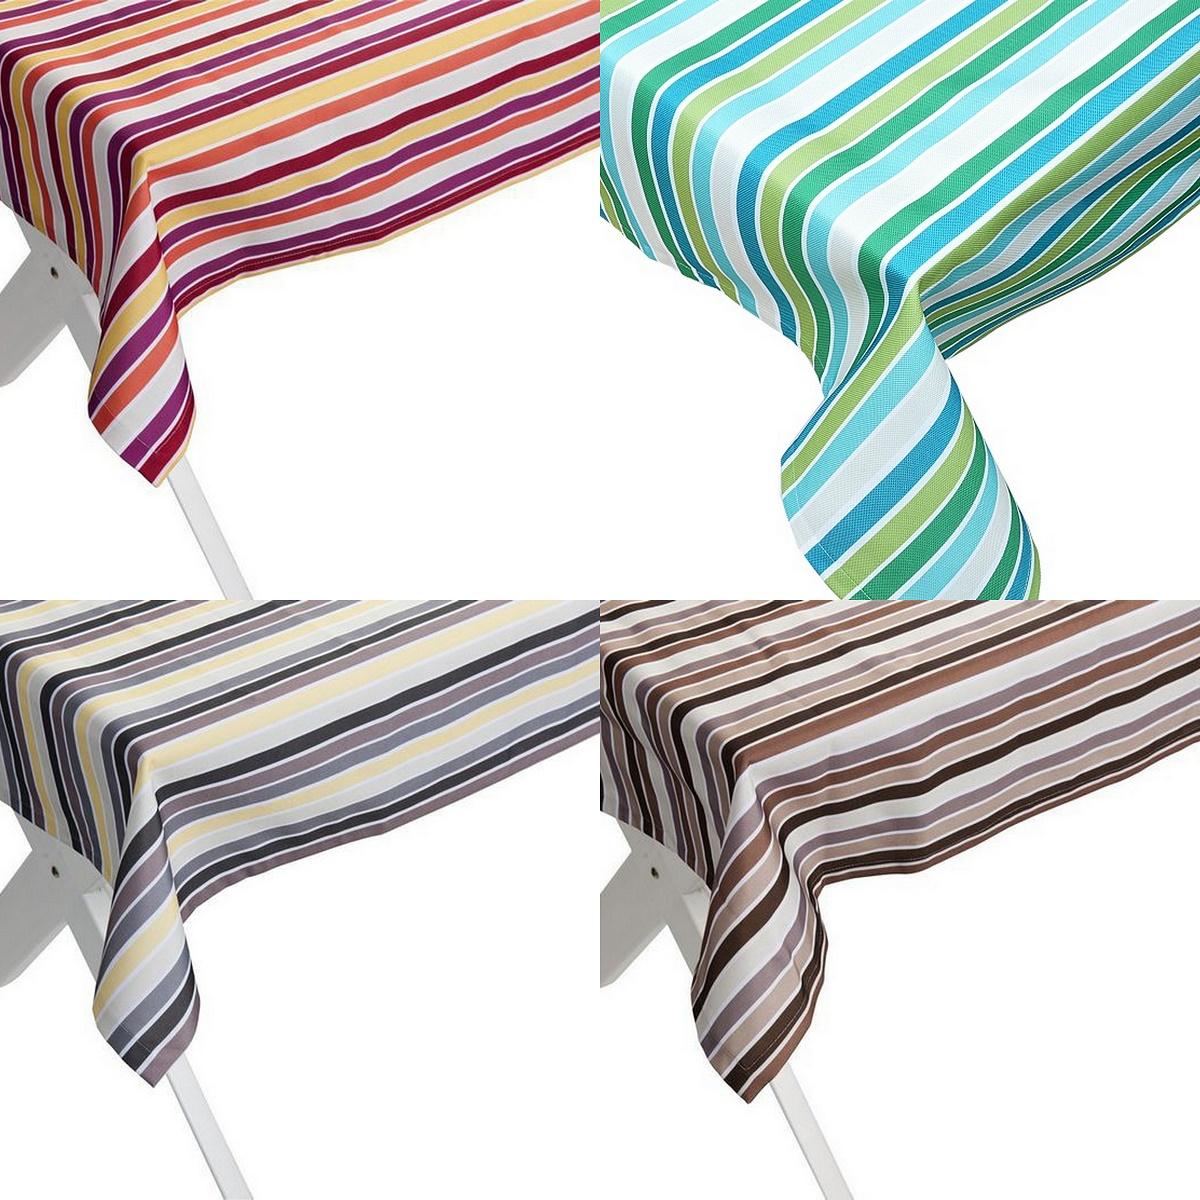 outdoor tischdecke 140cm x 240cm antibes gartentisch decke in versch farben. Black Bedroom Furniture Sets. Home Design Ideas